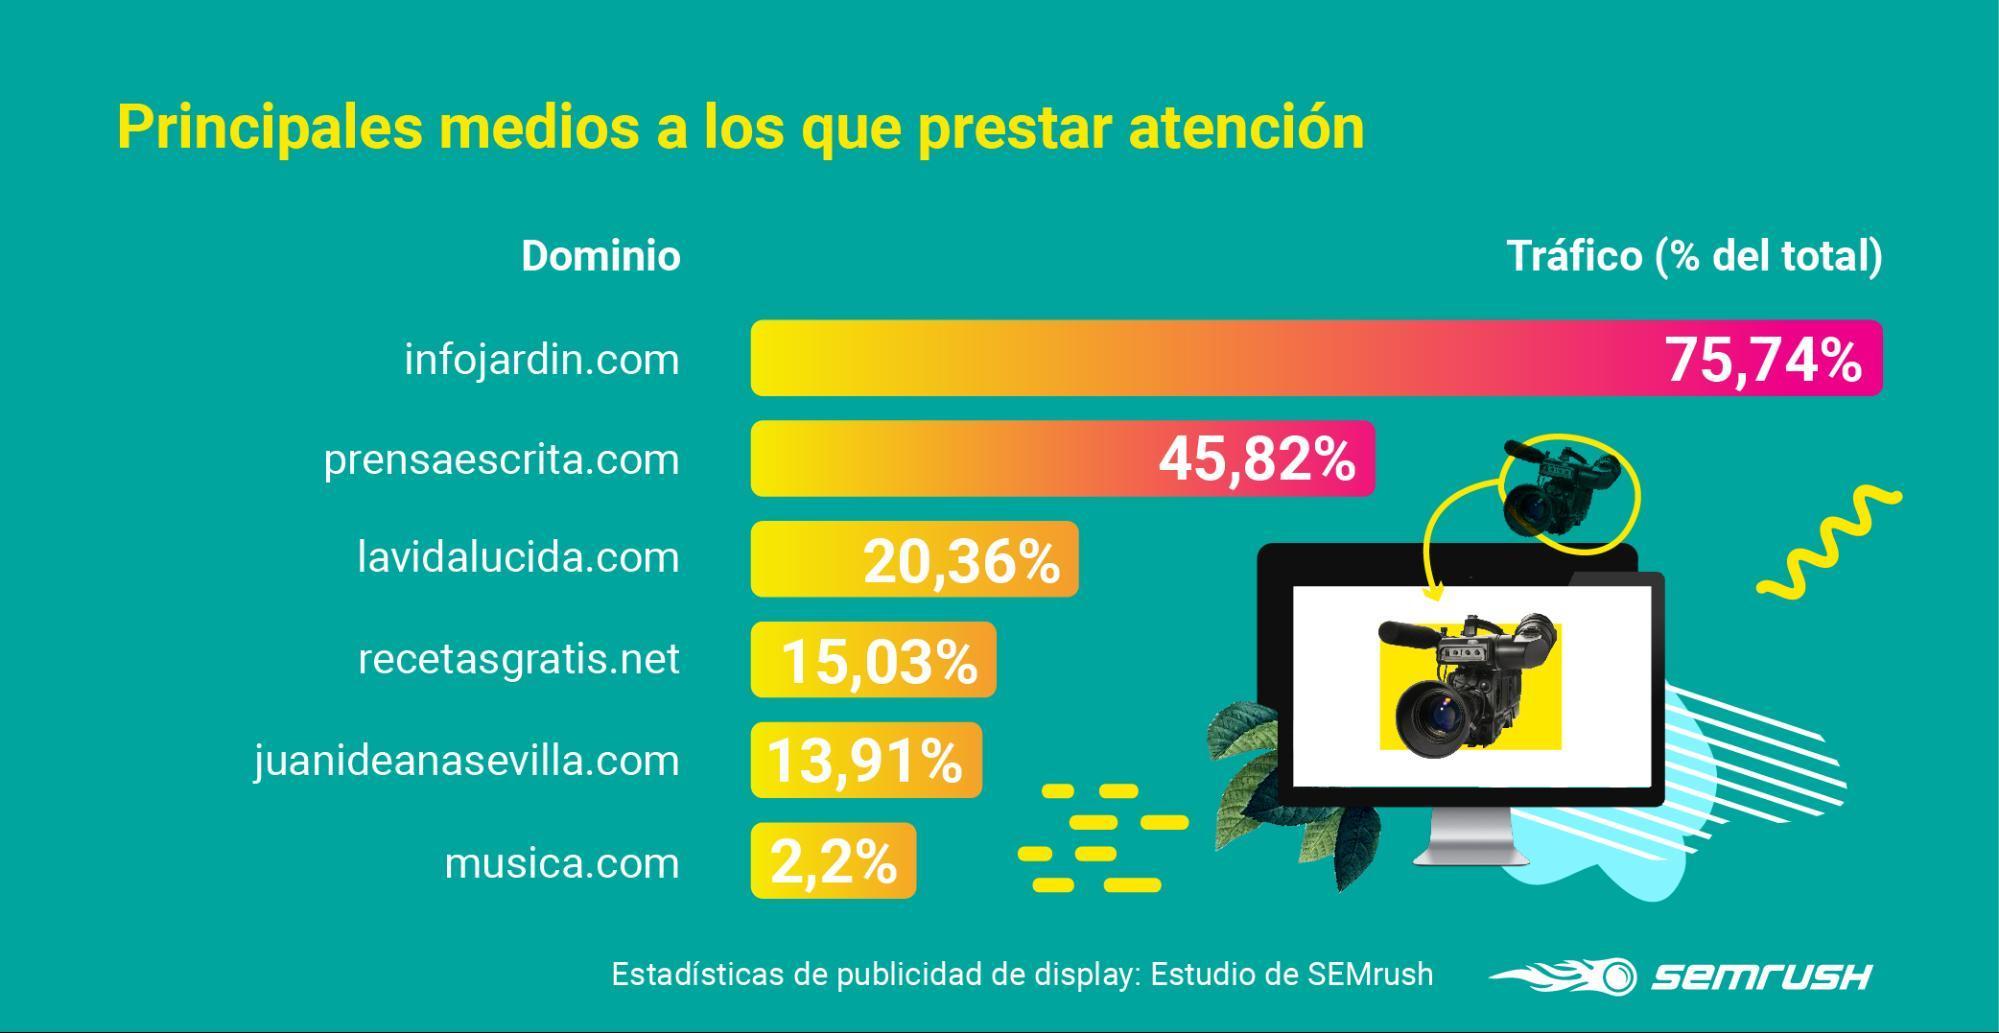 Display advertising - Principales medios